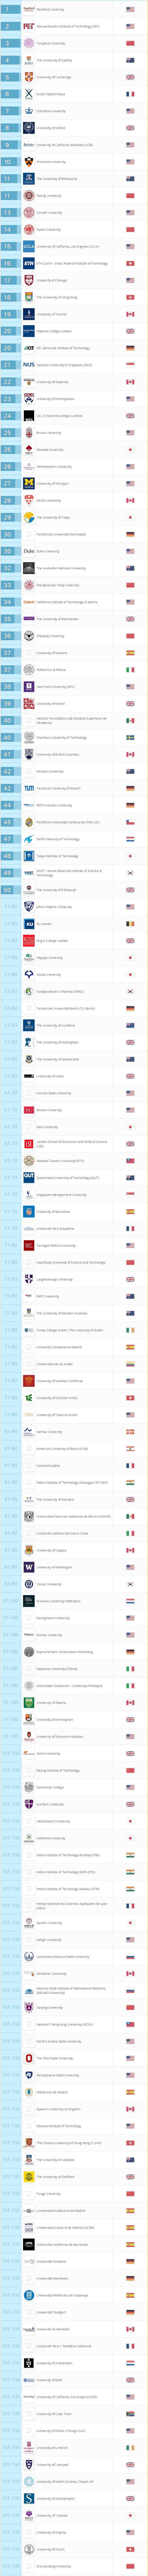 2017年QS就业竞争力世界大学排名